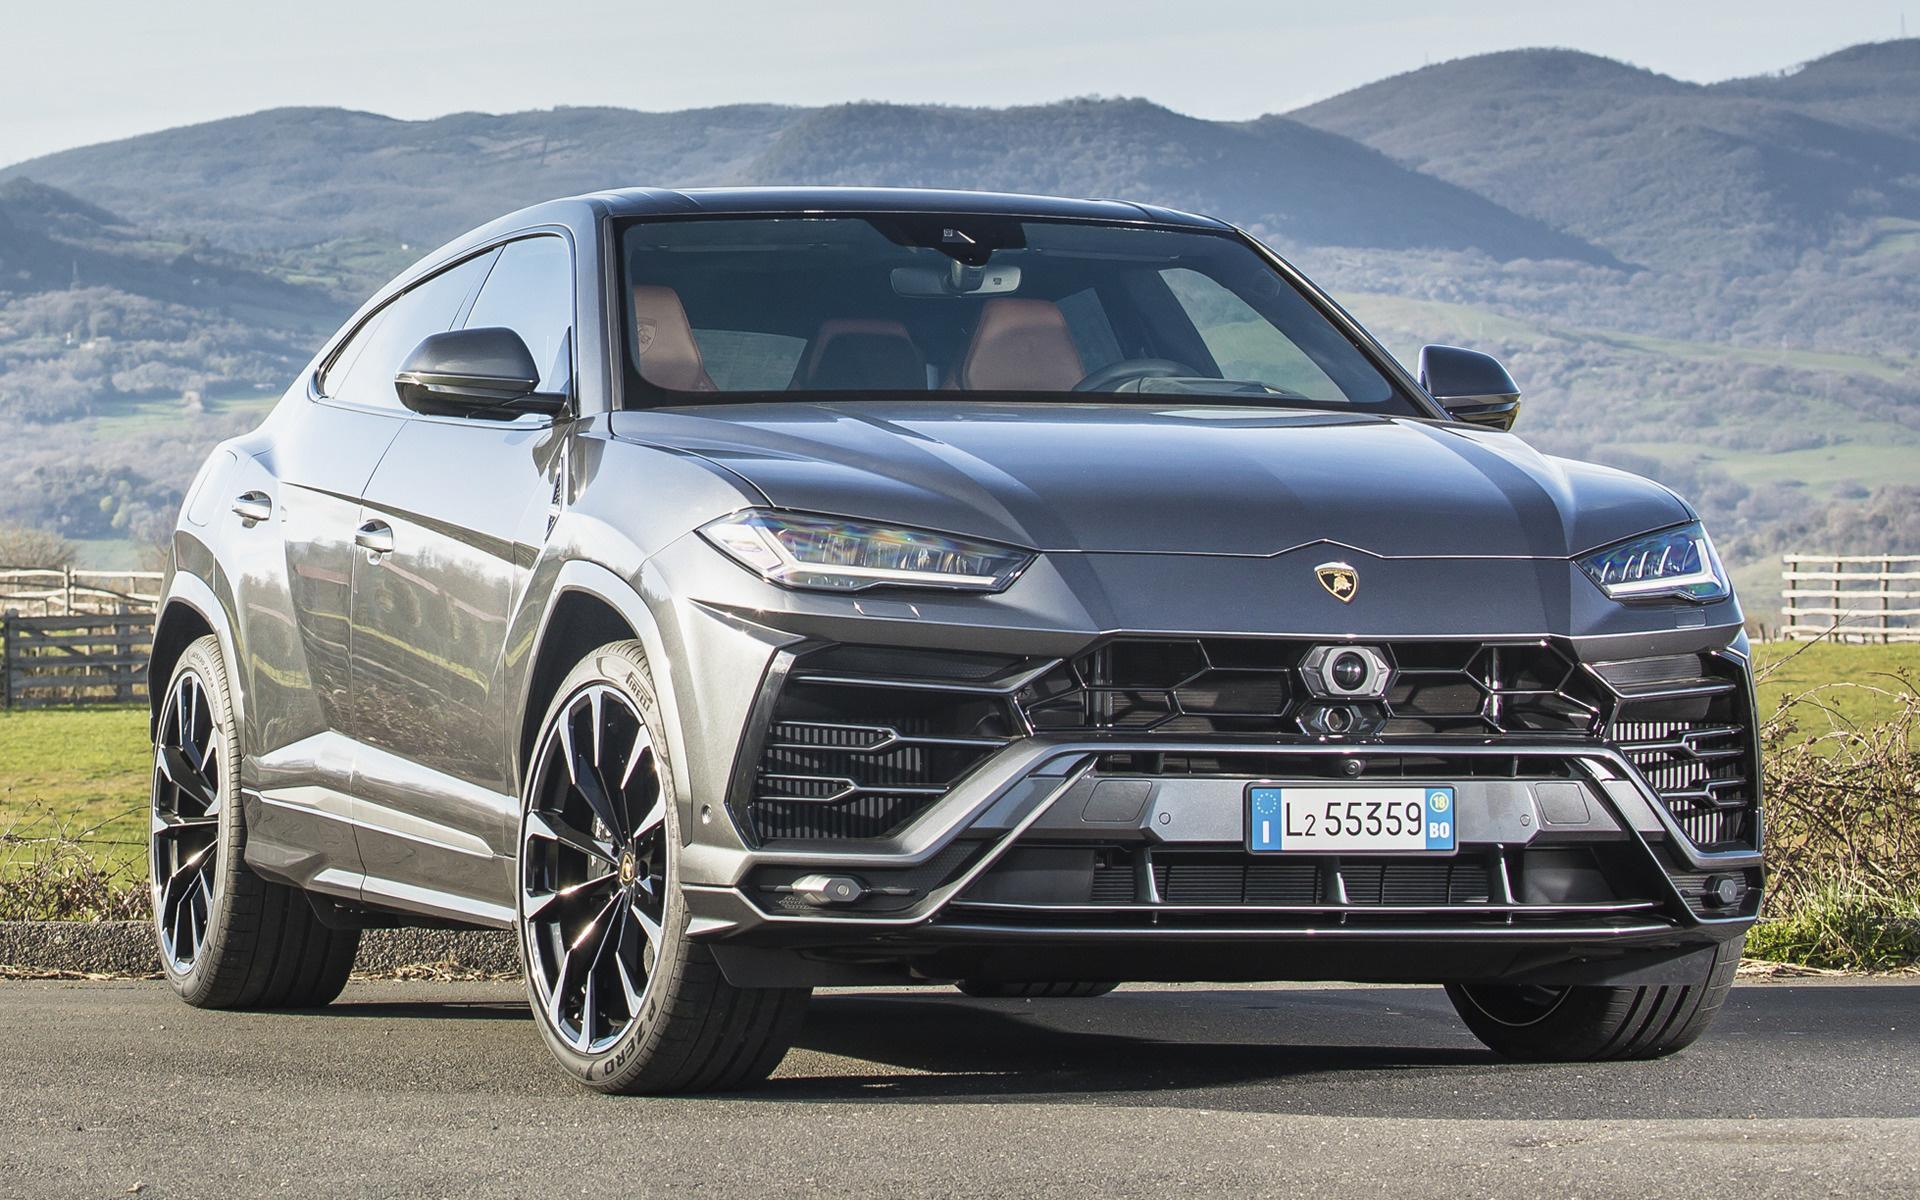 2018 Lamborghini Urus - Wallpapers and HD Images | Car Pixel